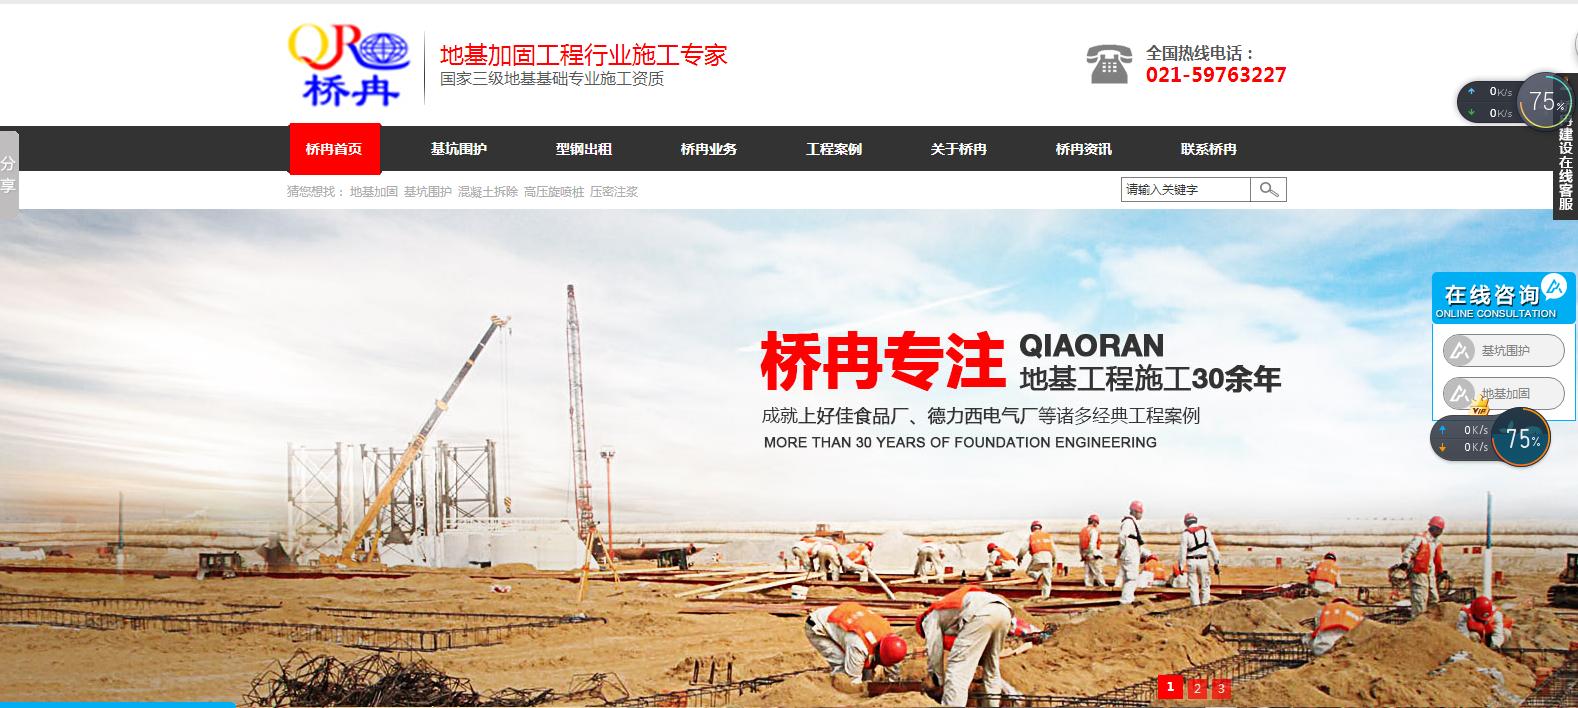 桥冉地基加固工程营销型网站案例-追马网